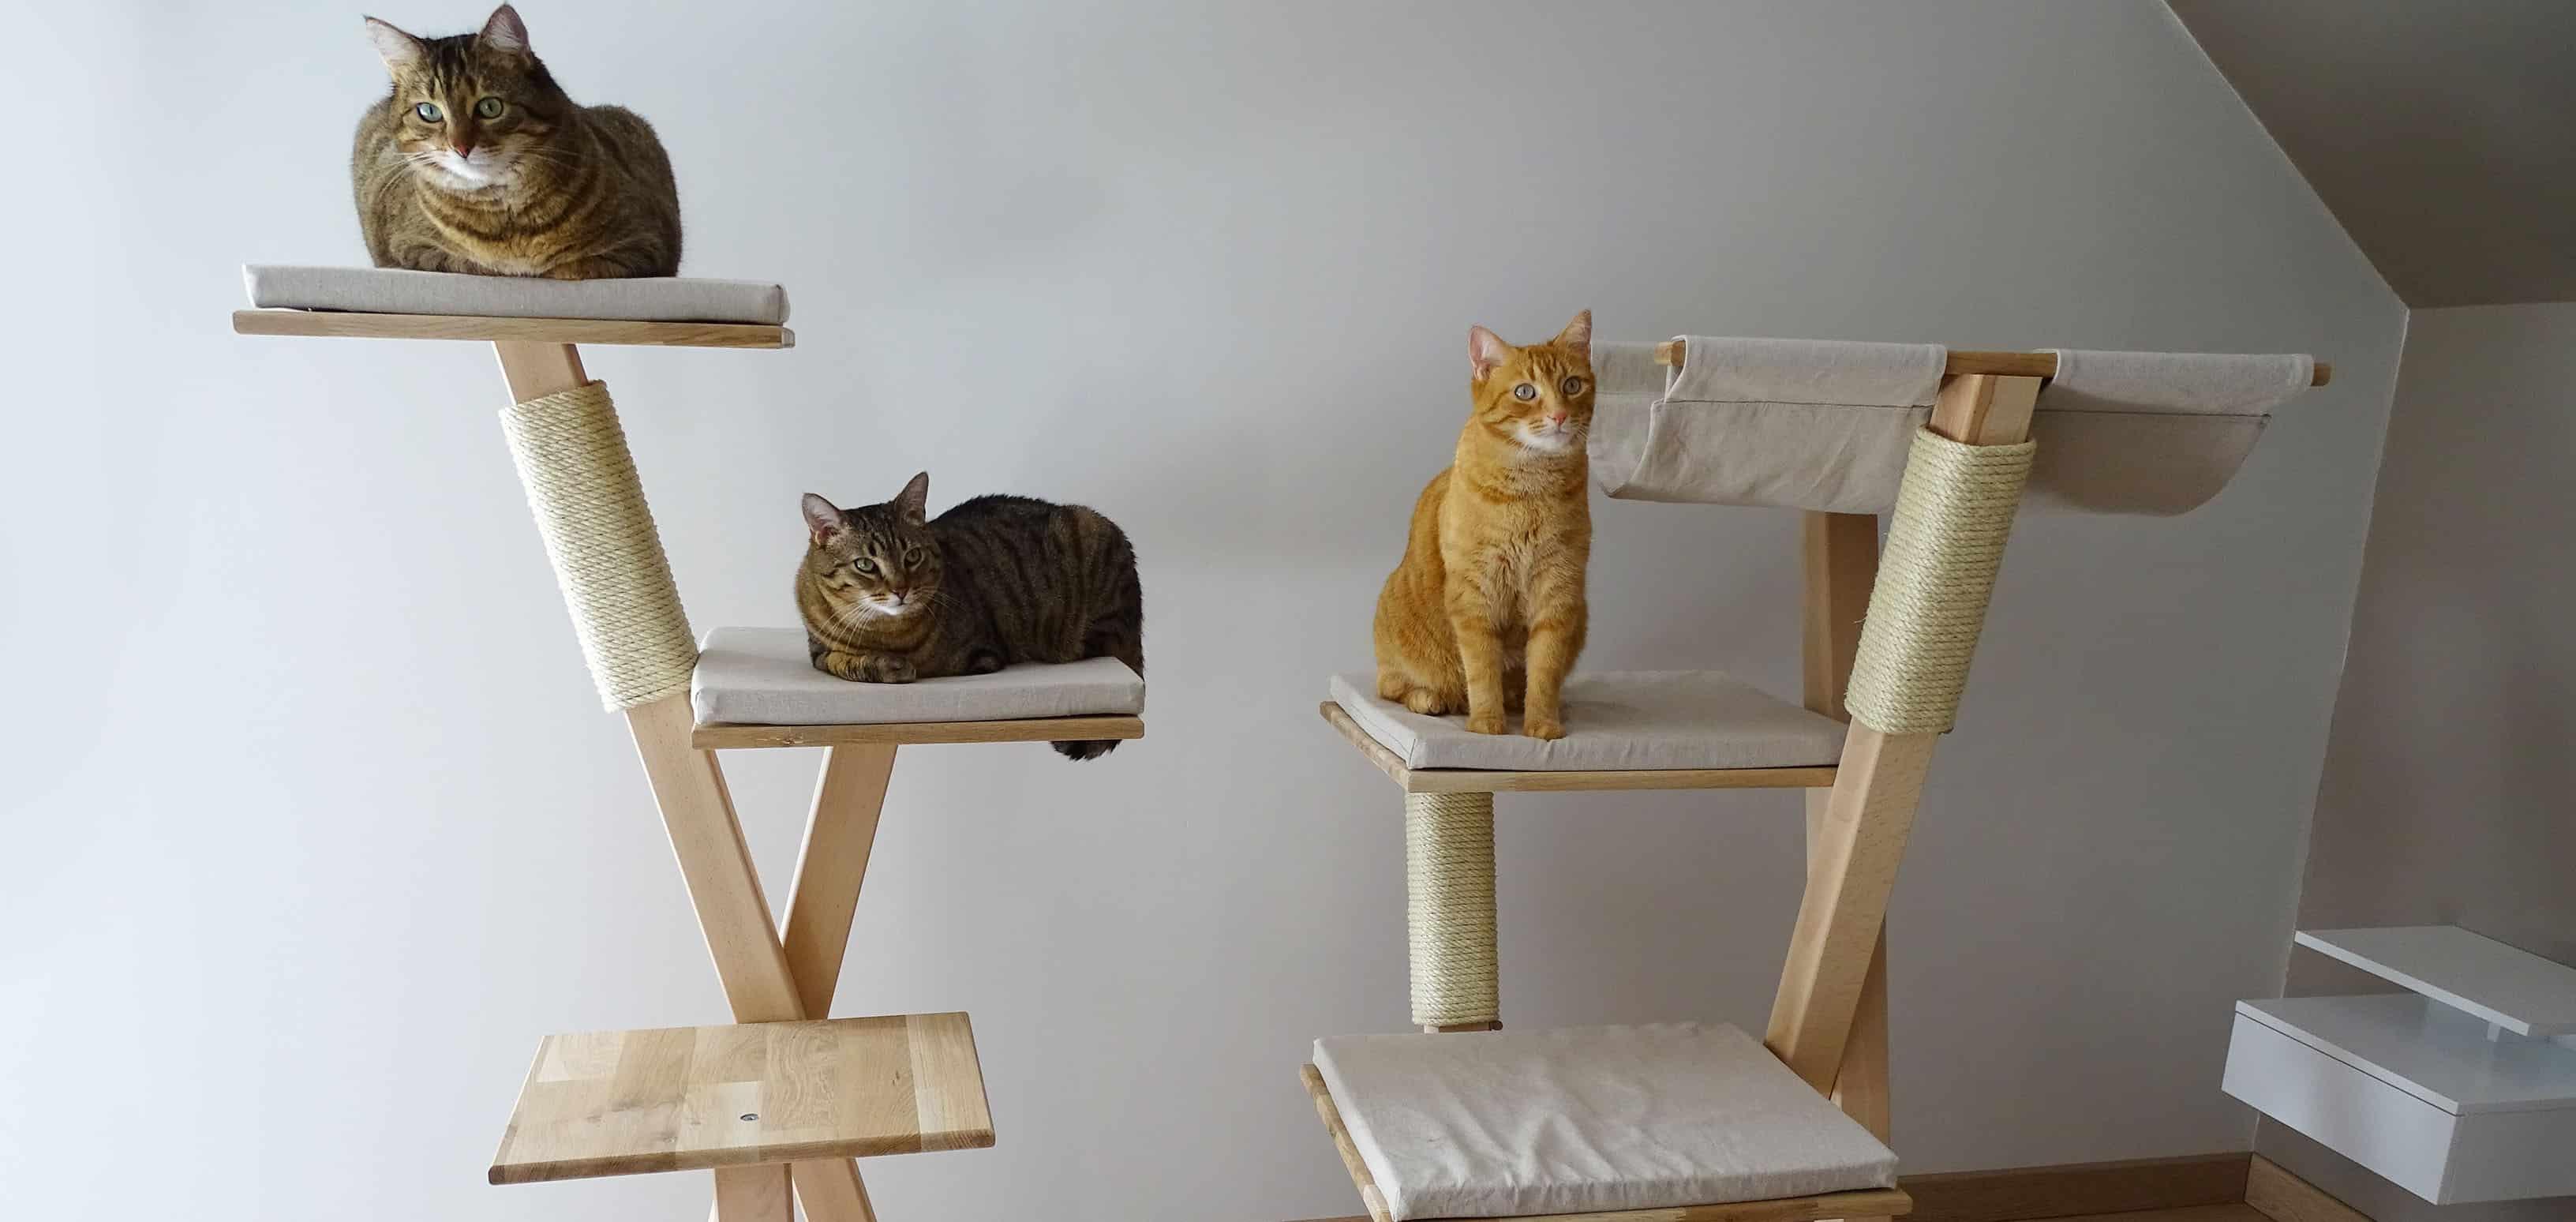 Comment Fabriquer Un Arbre À Chat l'arbre à chat made in france : des artisans spécialisés